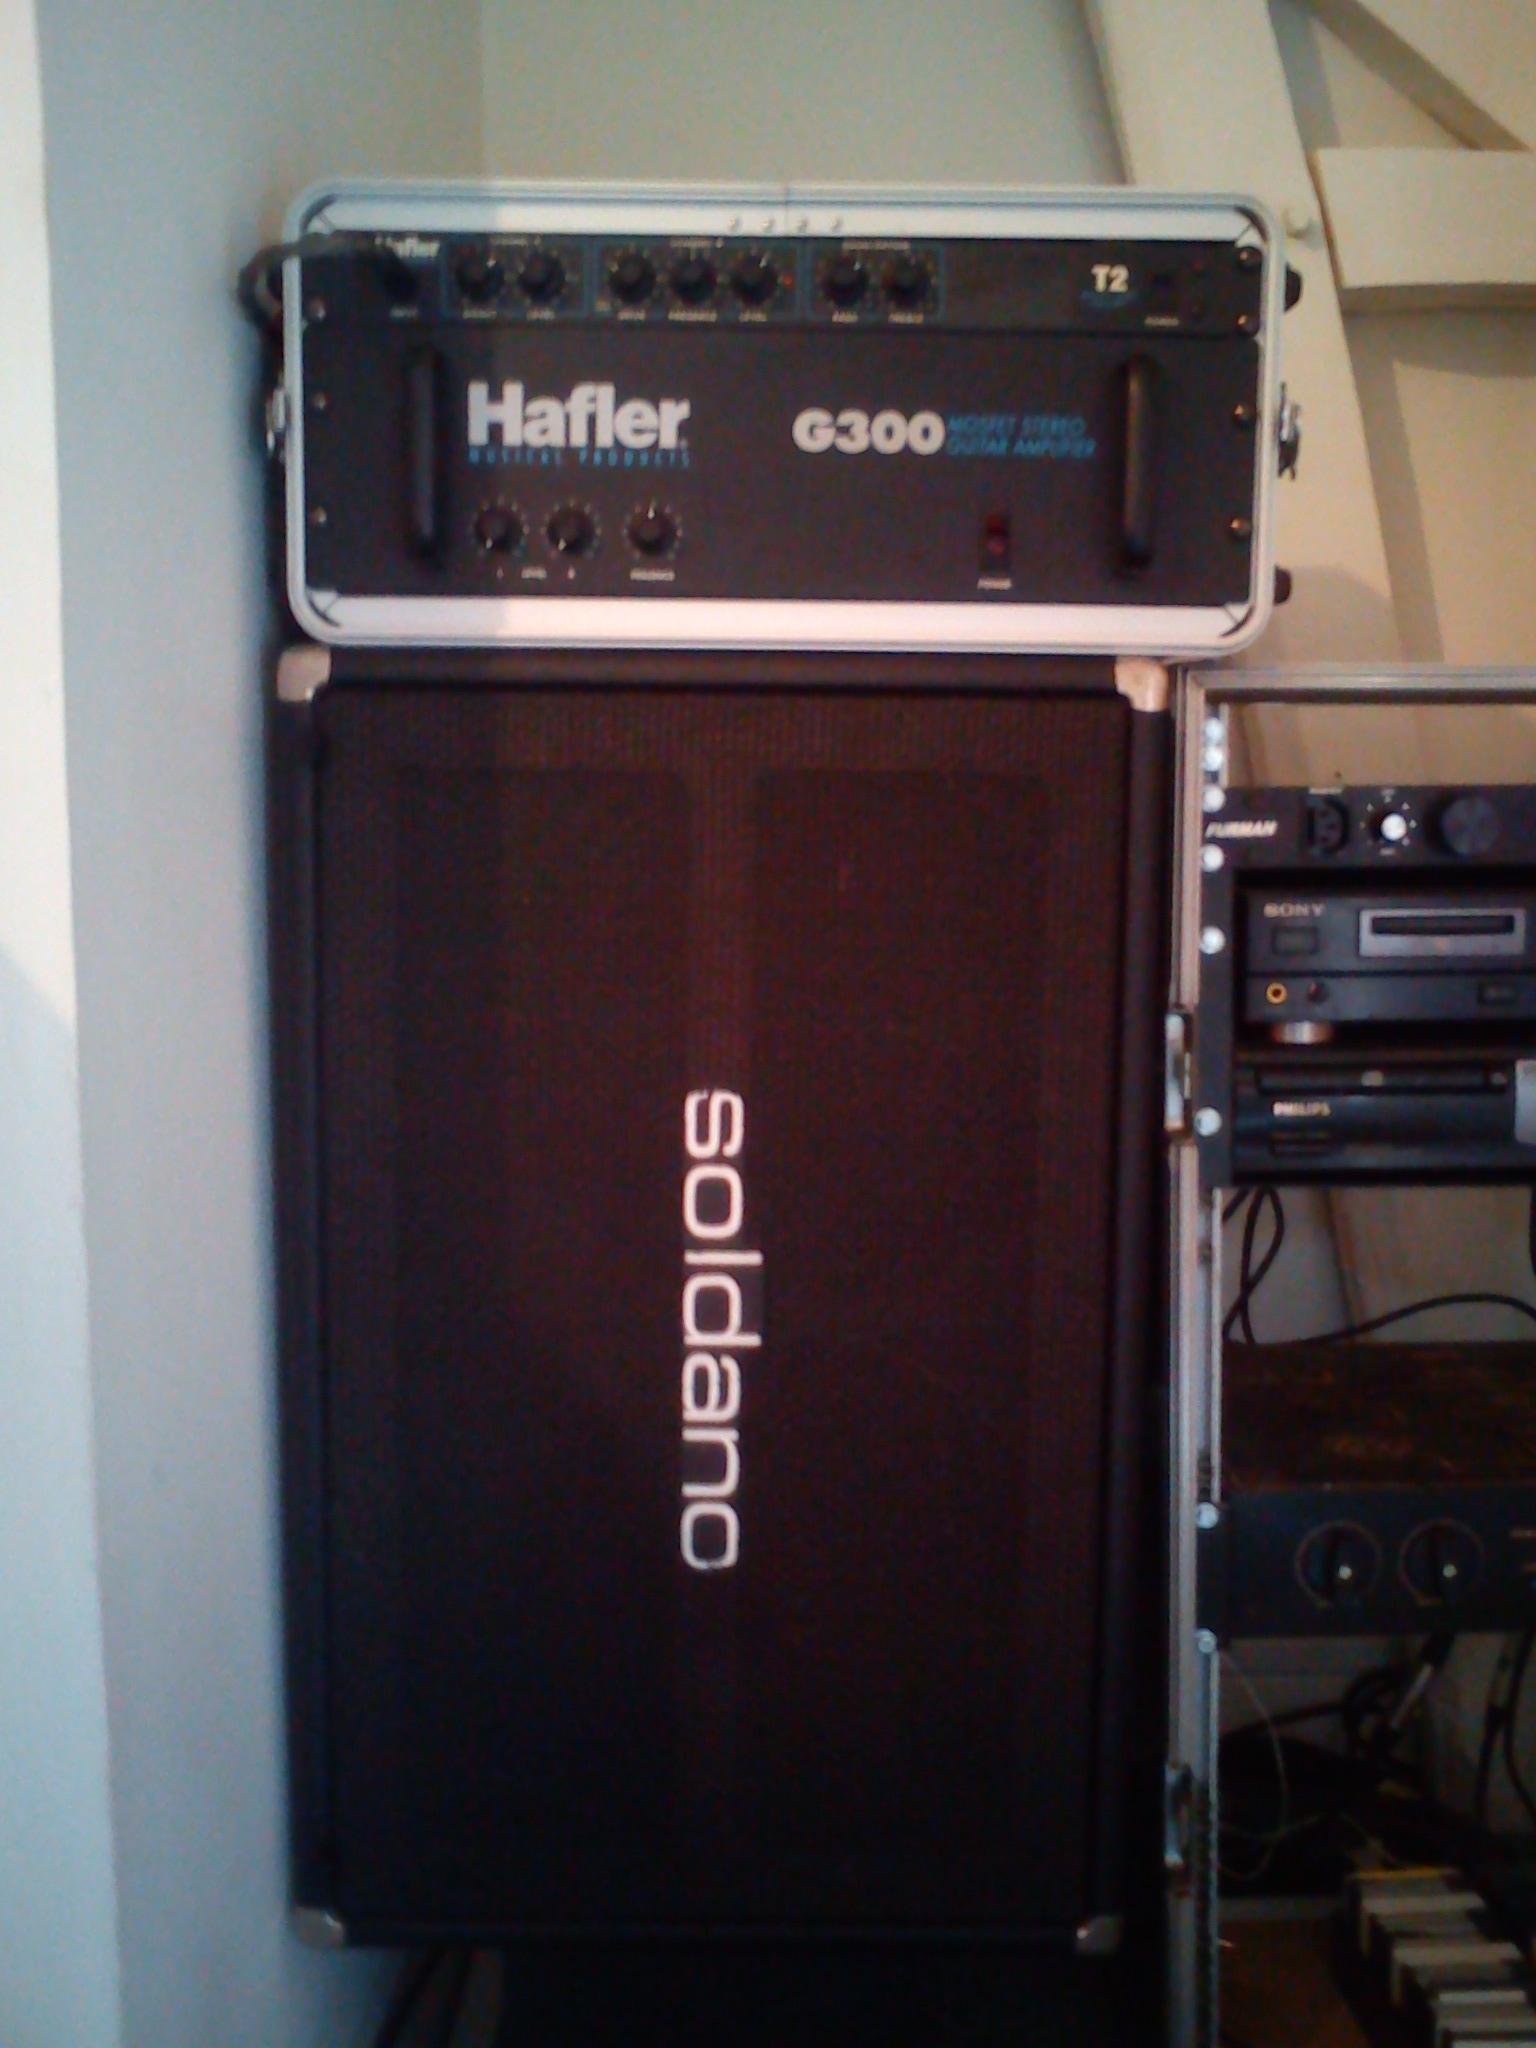 T2 - Hafler T2 - Audiofanzine